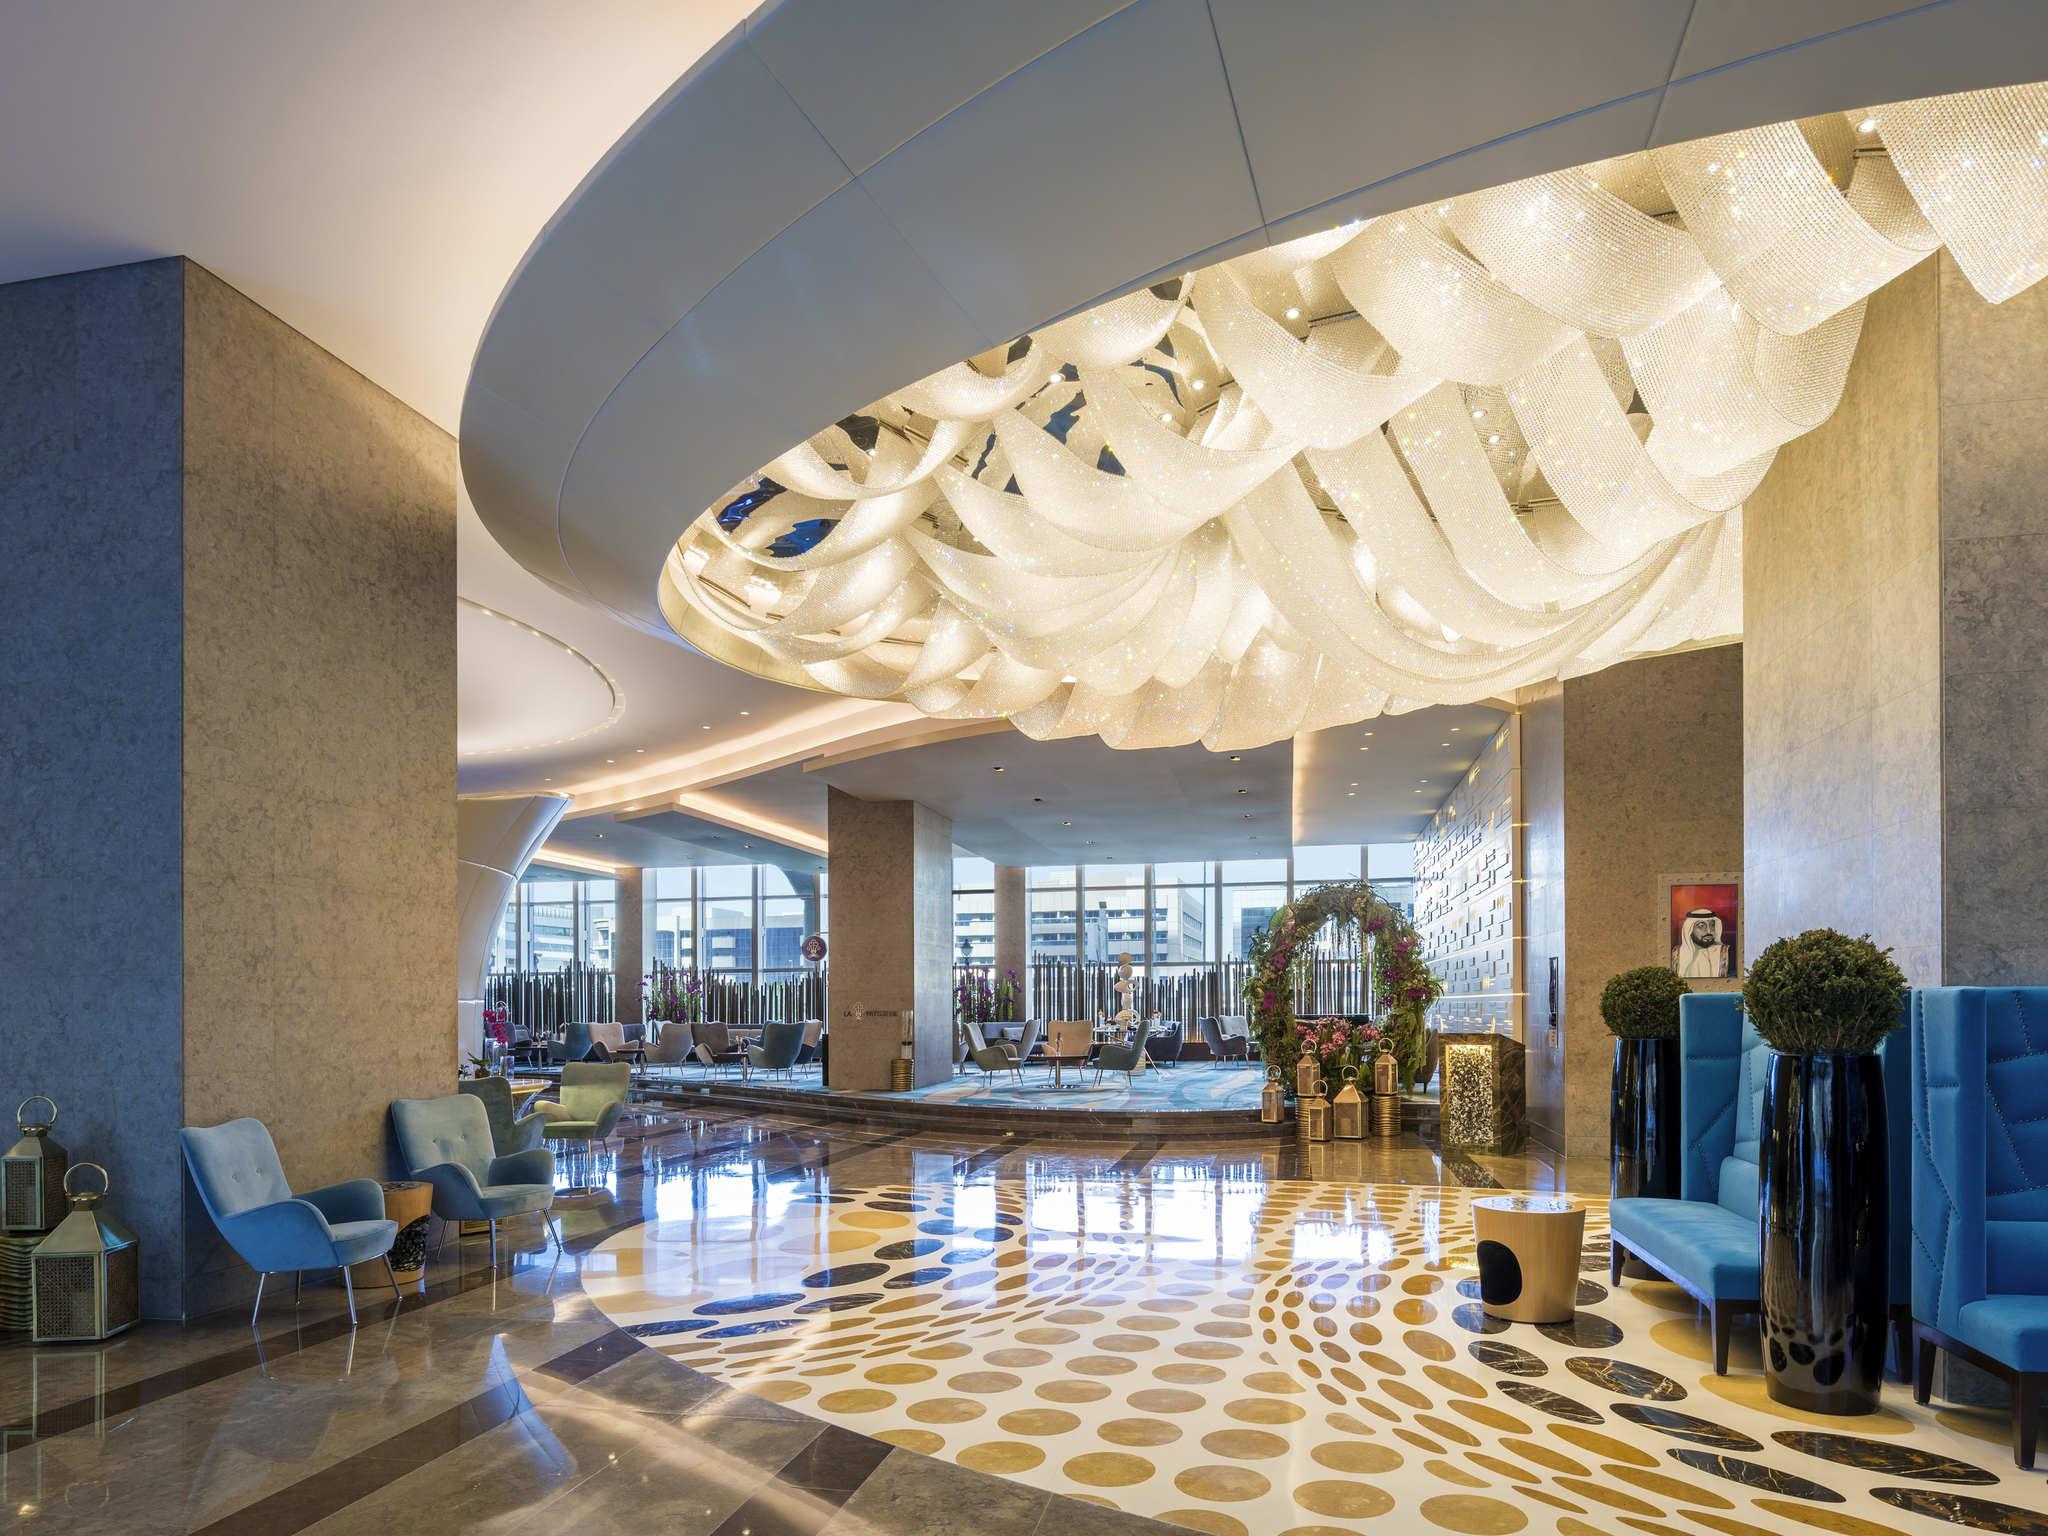 โรงแรม – โซฟิเทล ดูไบ ดาวน์ทาวน์